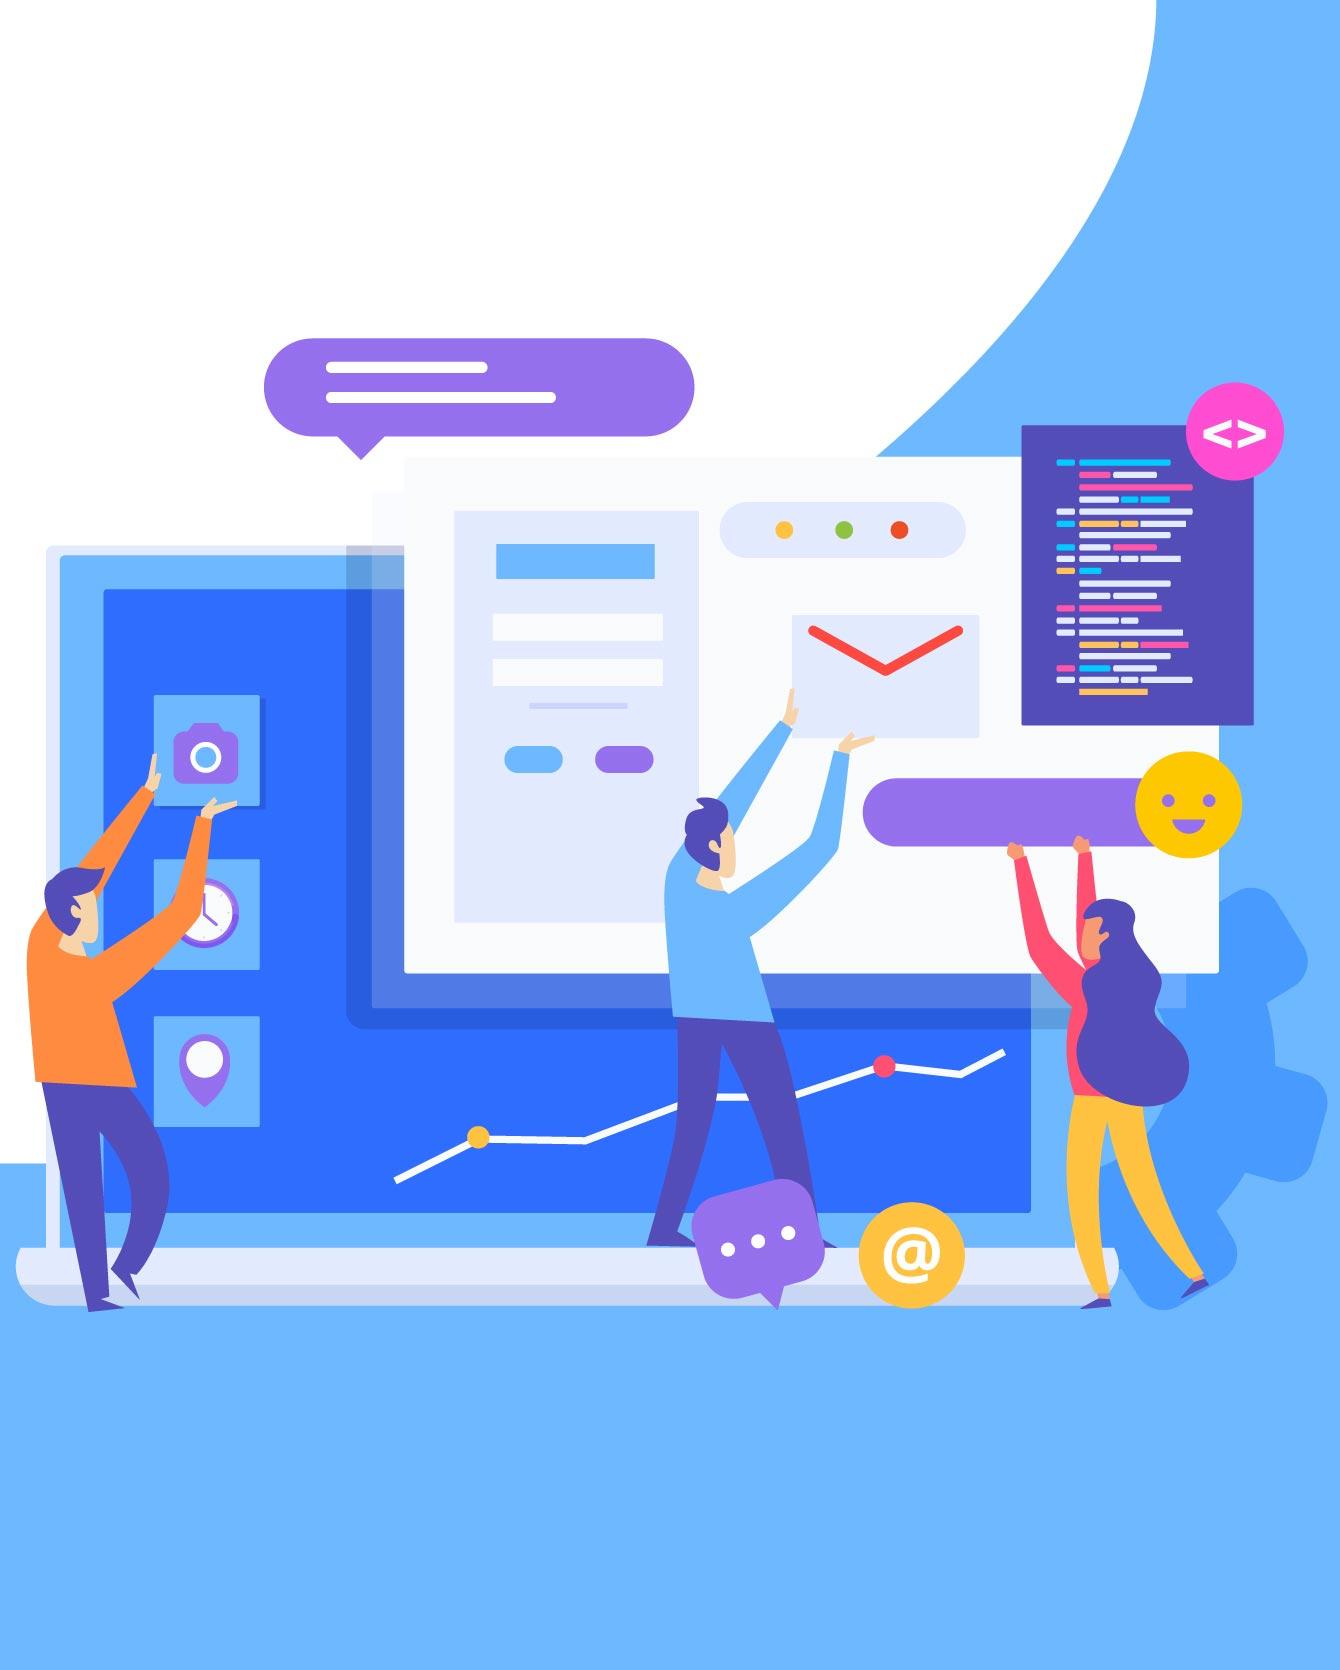 Manuale d'azione dell'UX designer 2019 ̶ pt. 2